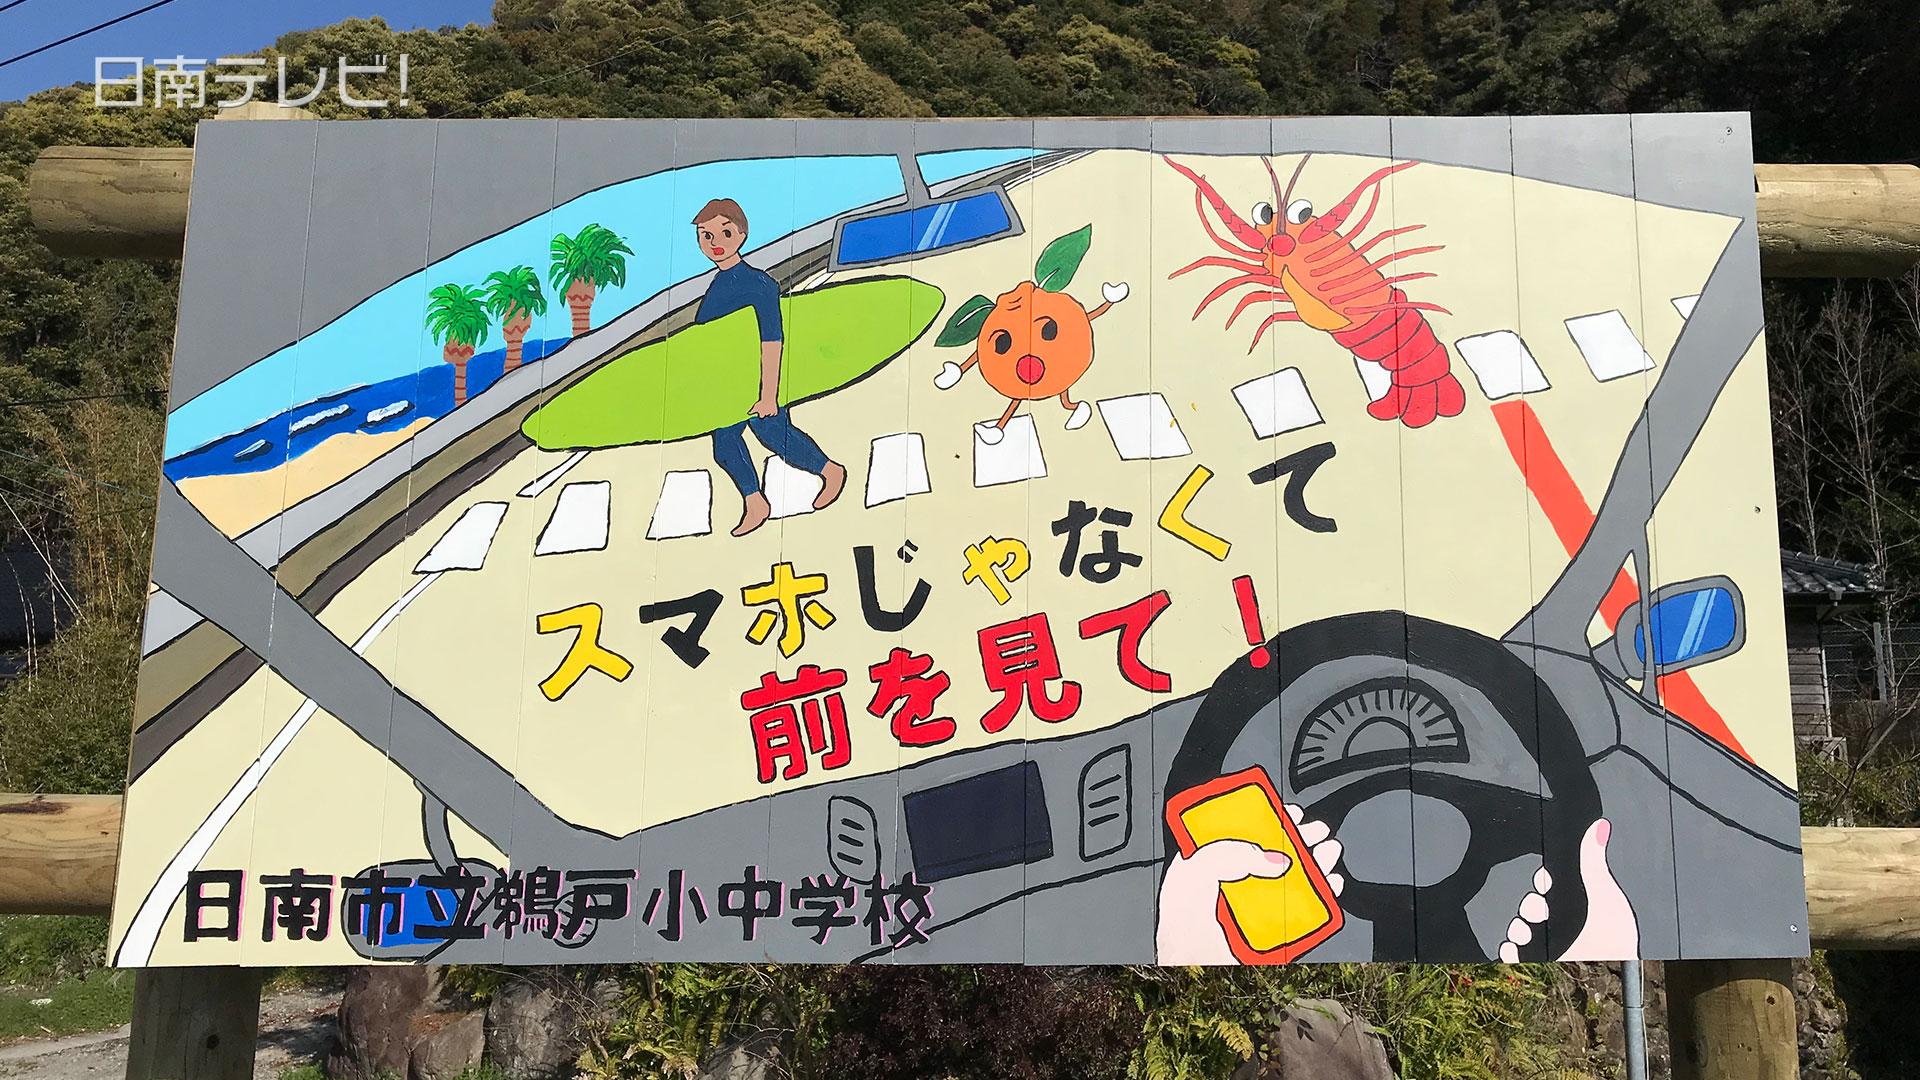 日南海岸 交通安全を願った看板を設置